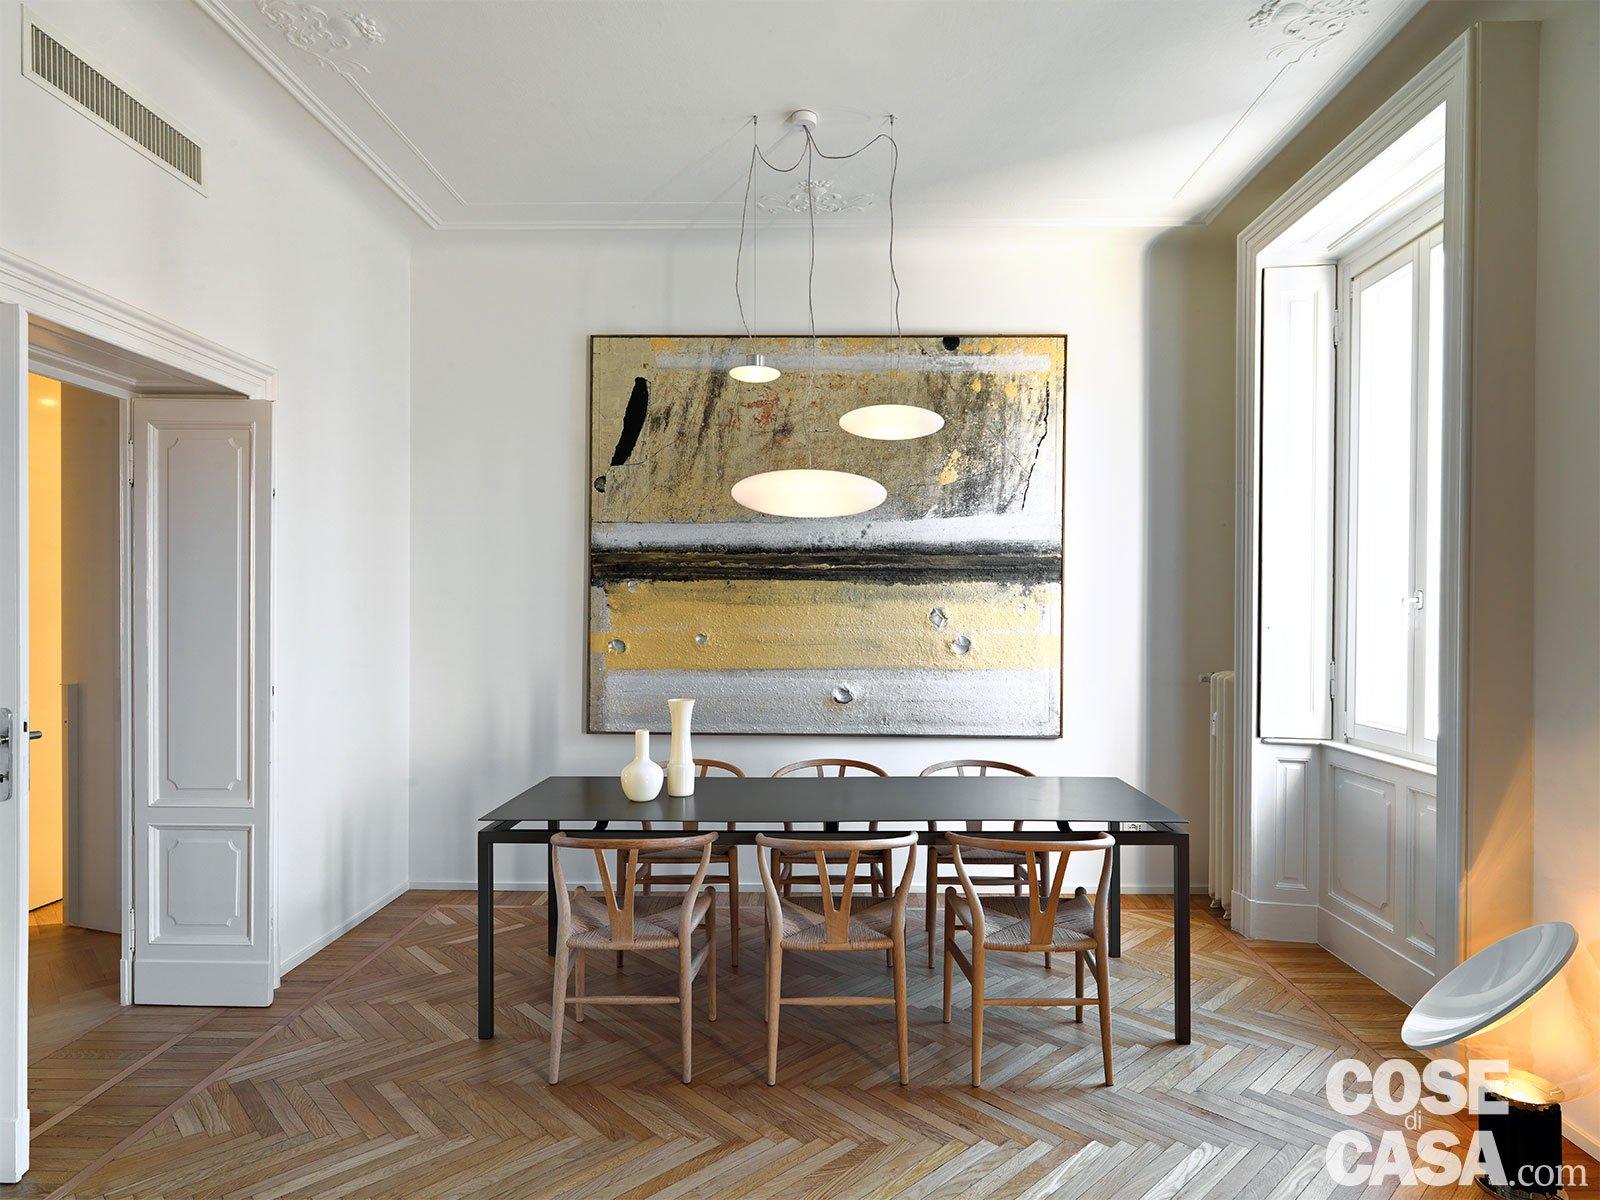 Camera Ospiti Per Vano Cucina : Mq con una parete in vetro per dividere soggiorno e corridoio